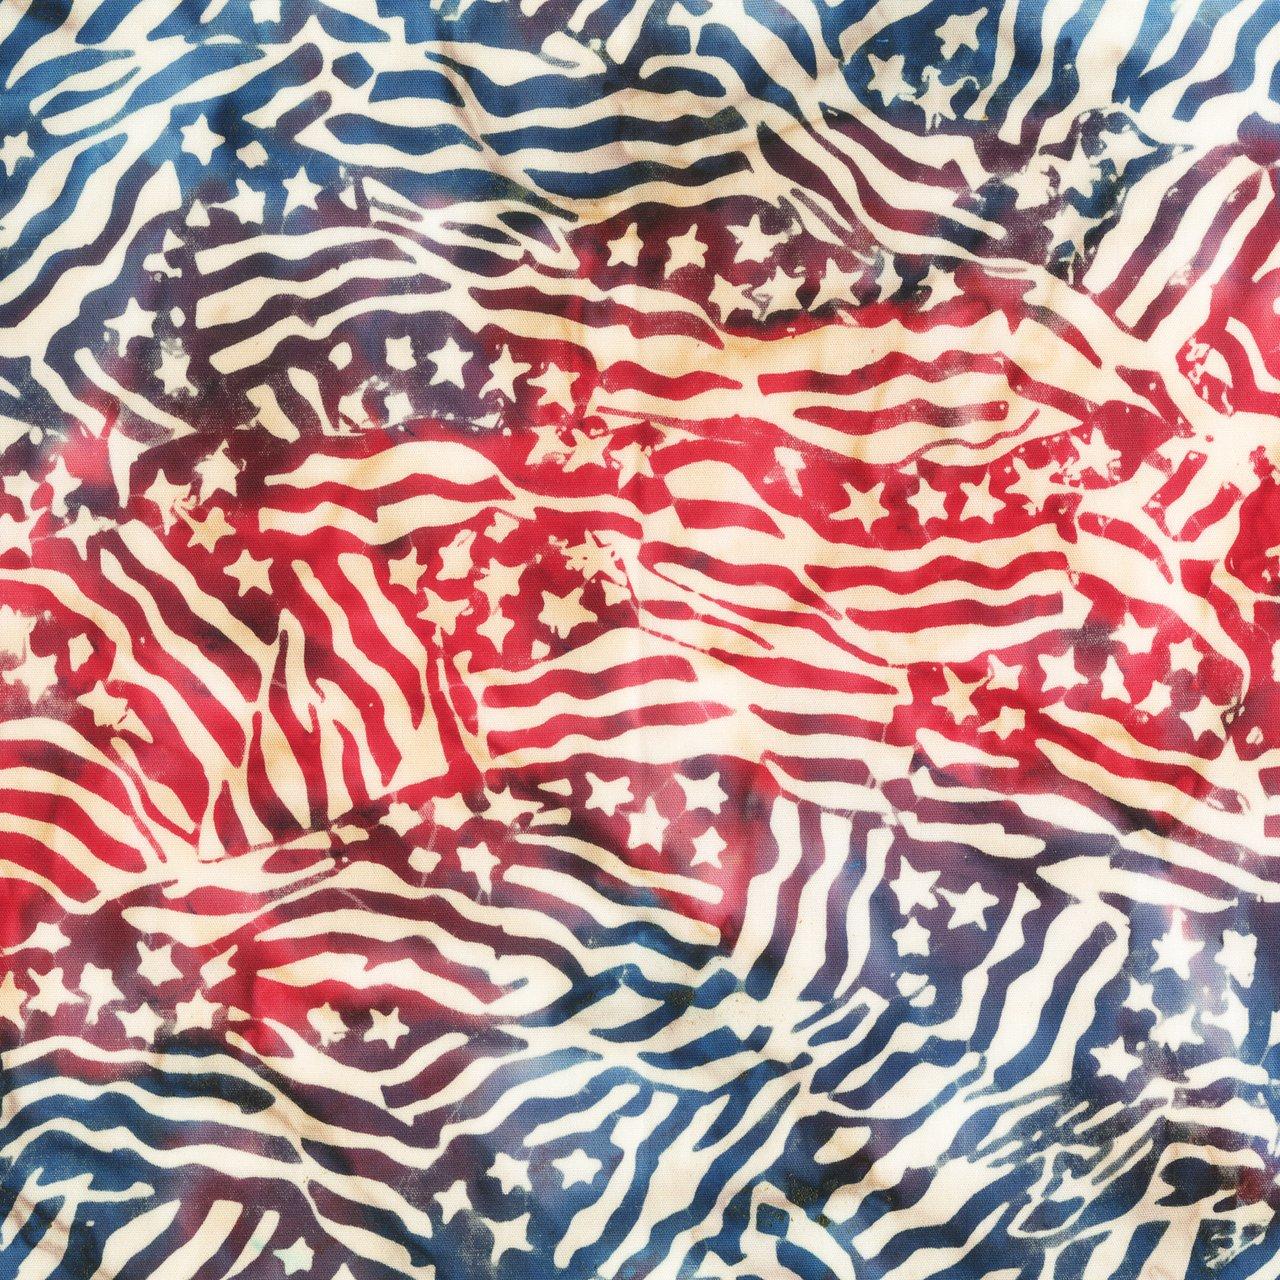 9002Q-1 Freedom Batiks by Anthology Fabrics